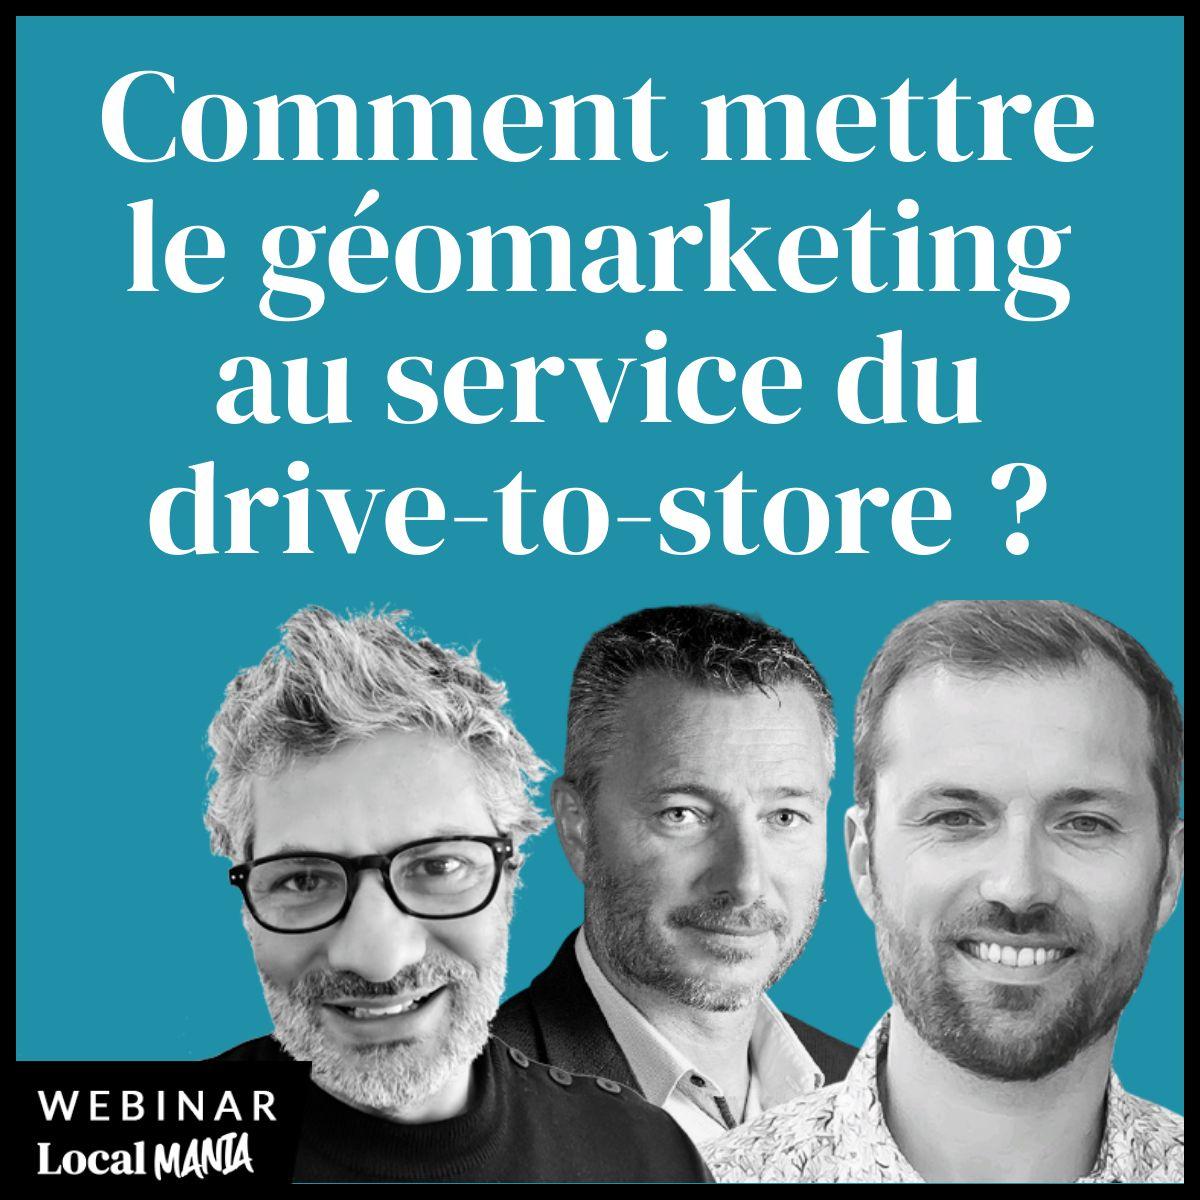 #4 Comment mettre le géomarketing au service du drive-to-store ?